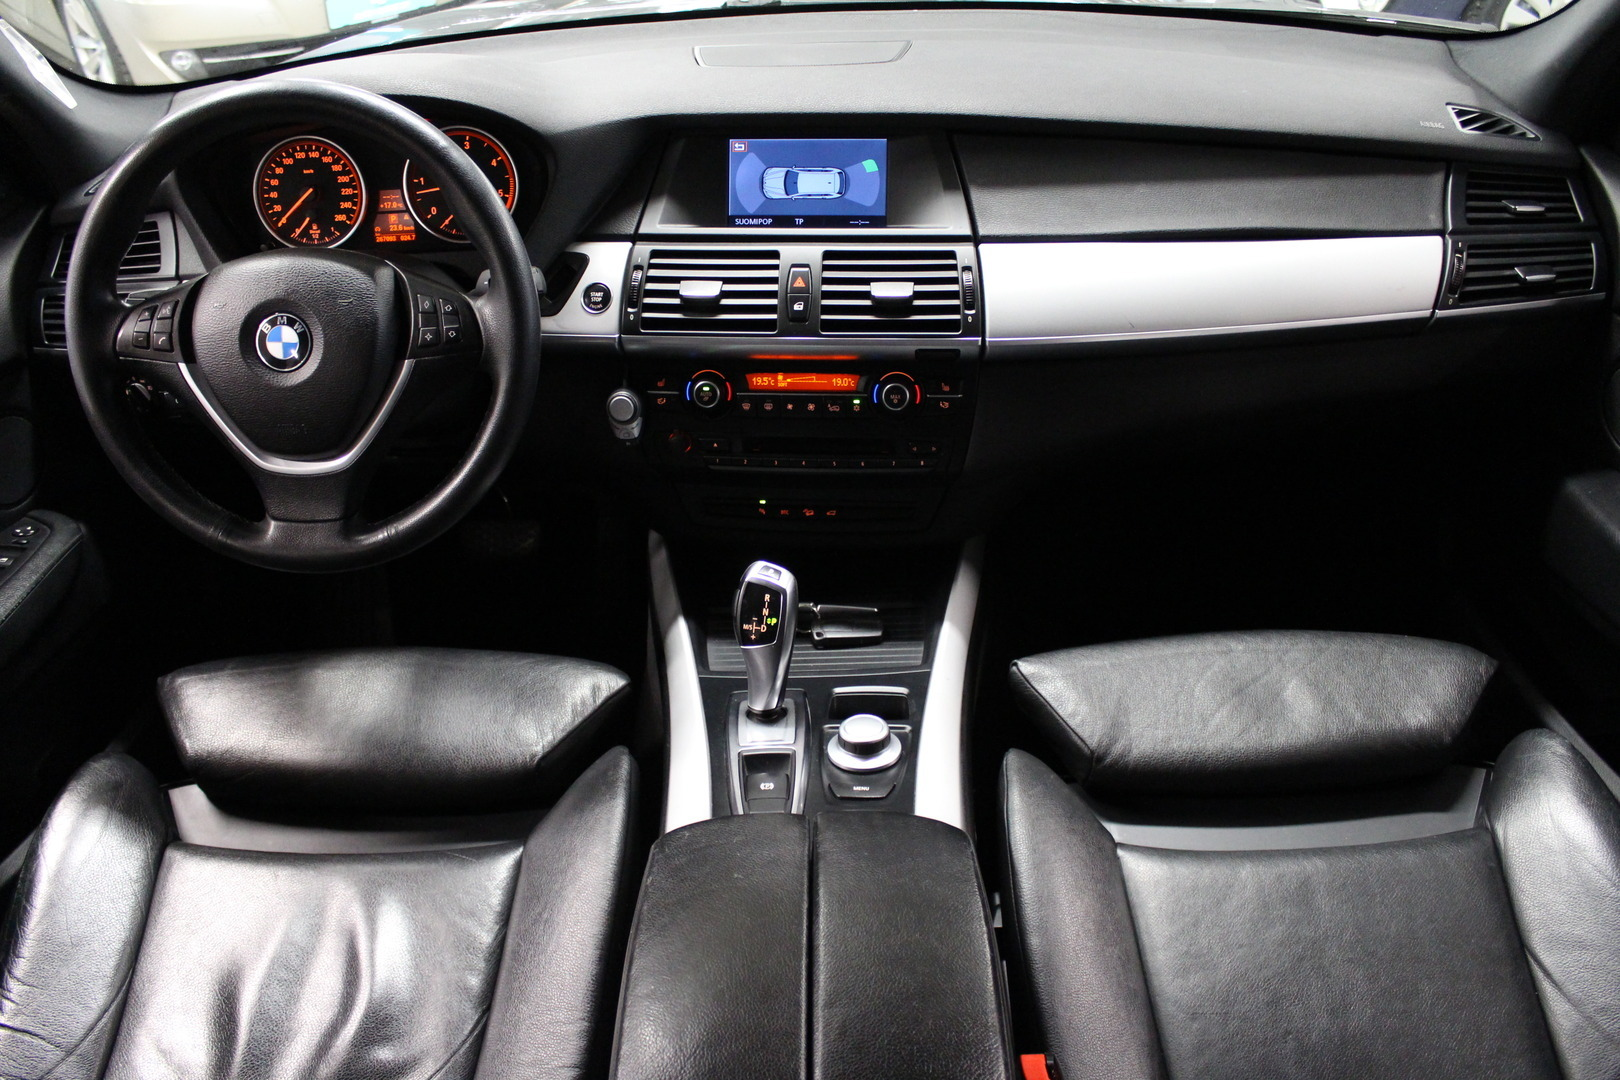 BMW X5, 70 SAV**Juuri tullut** #Hieno #7-paikkainen #Huippuvarusteet